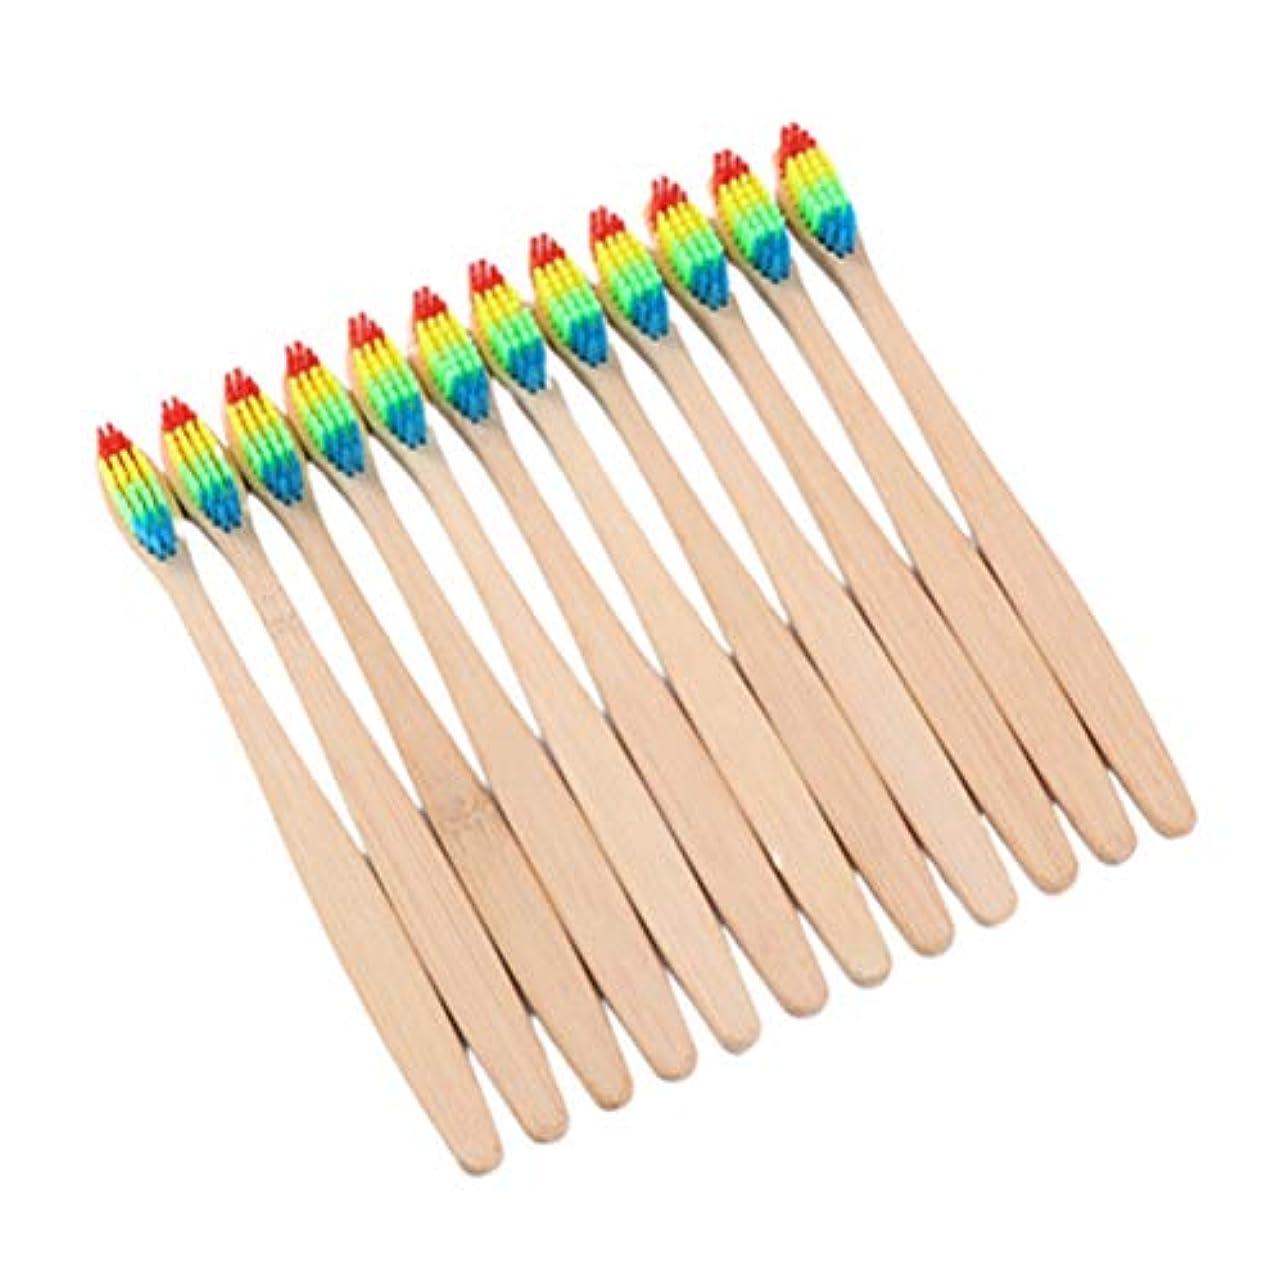 擁するびっくりした悪性腫瘍TOPBATHY 10本 歯ブラシ 竹 極細 天然 ふつう やわらかめ 木製 環境にやさしい 大人 子供 兼用 旅行 トラベル 出張 携帯 虹色